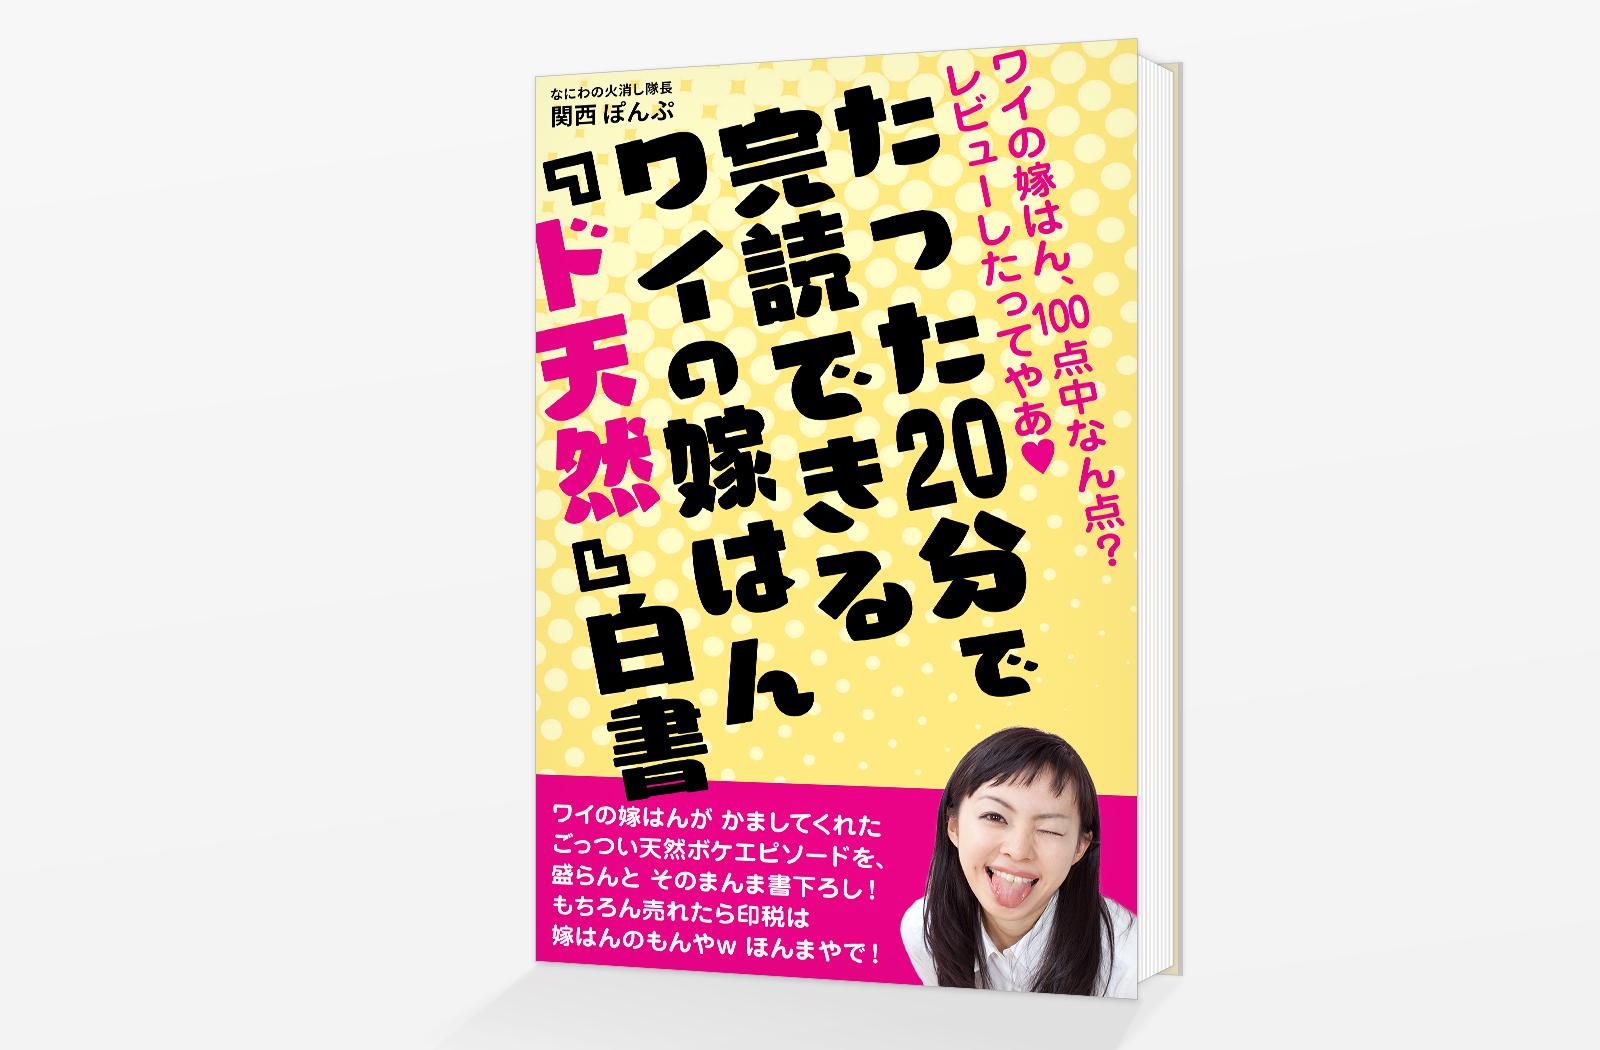 Kindle電子書籍「たった20分で完読できる ワイの嫁はん『ド天然』白書: ワイの嫁はん何点?レビューで点数つけたって!」の表紙デザイン